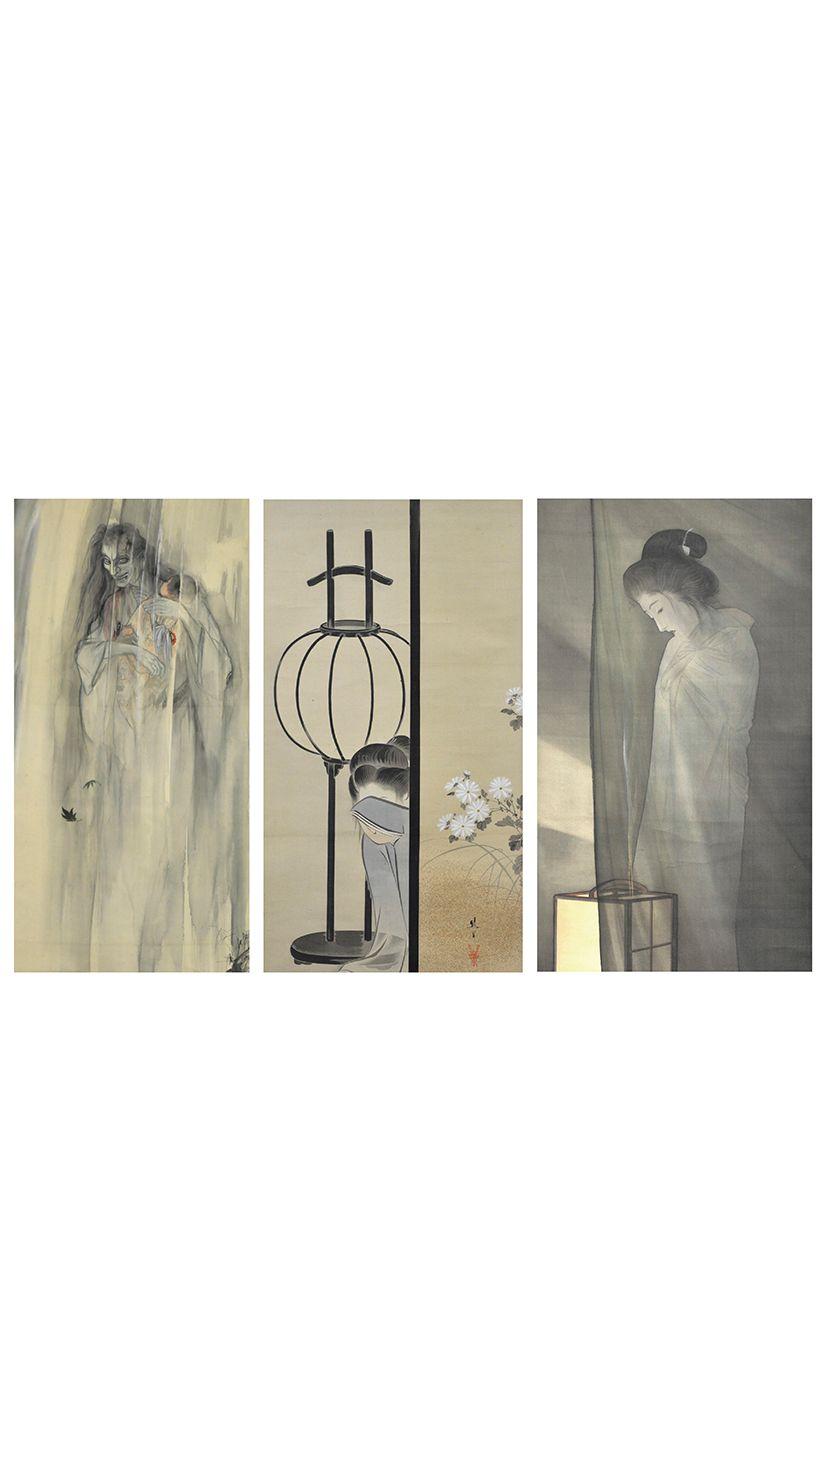 左から、伊藤晴雨「怪談乳房榎図」、池田綾岡「皿屋敷」、鰭崎英朋「蚊帳の前の幽霊」。すべて全生庵所蔵